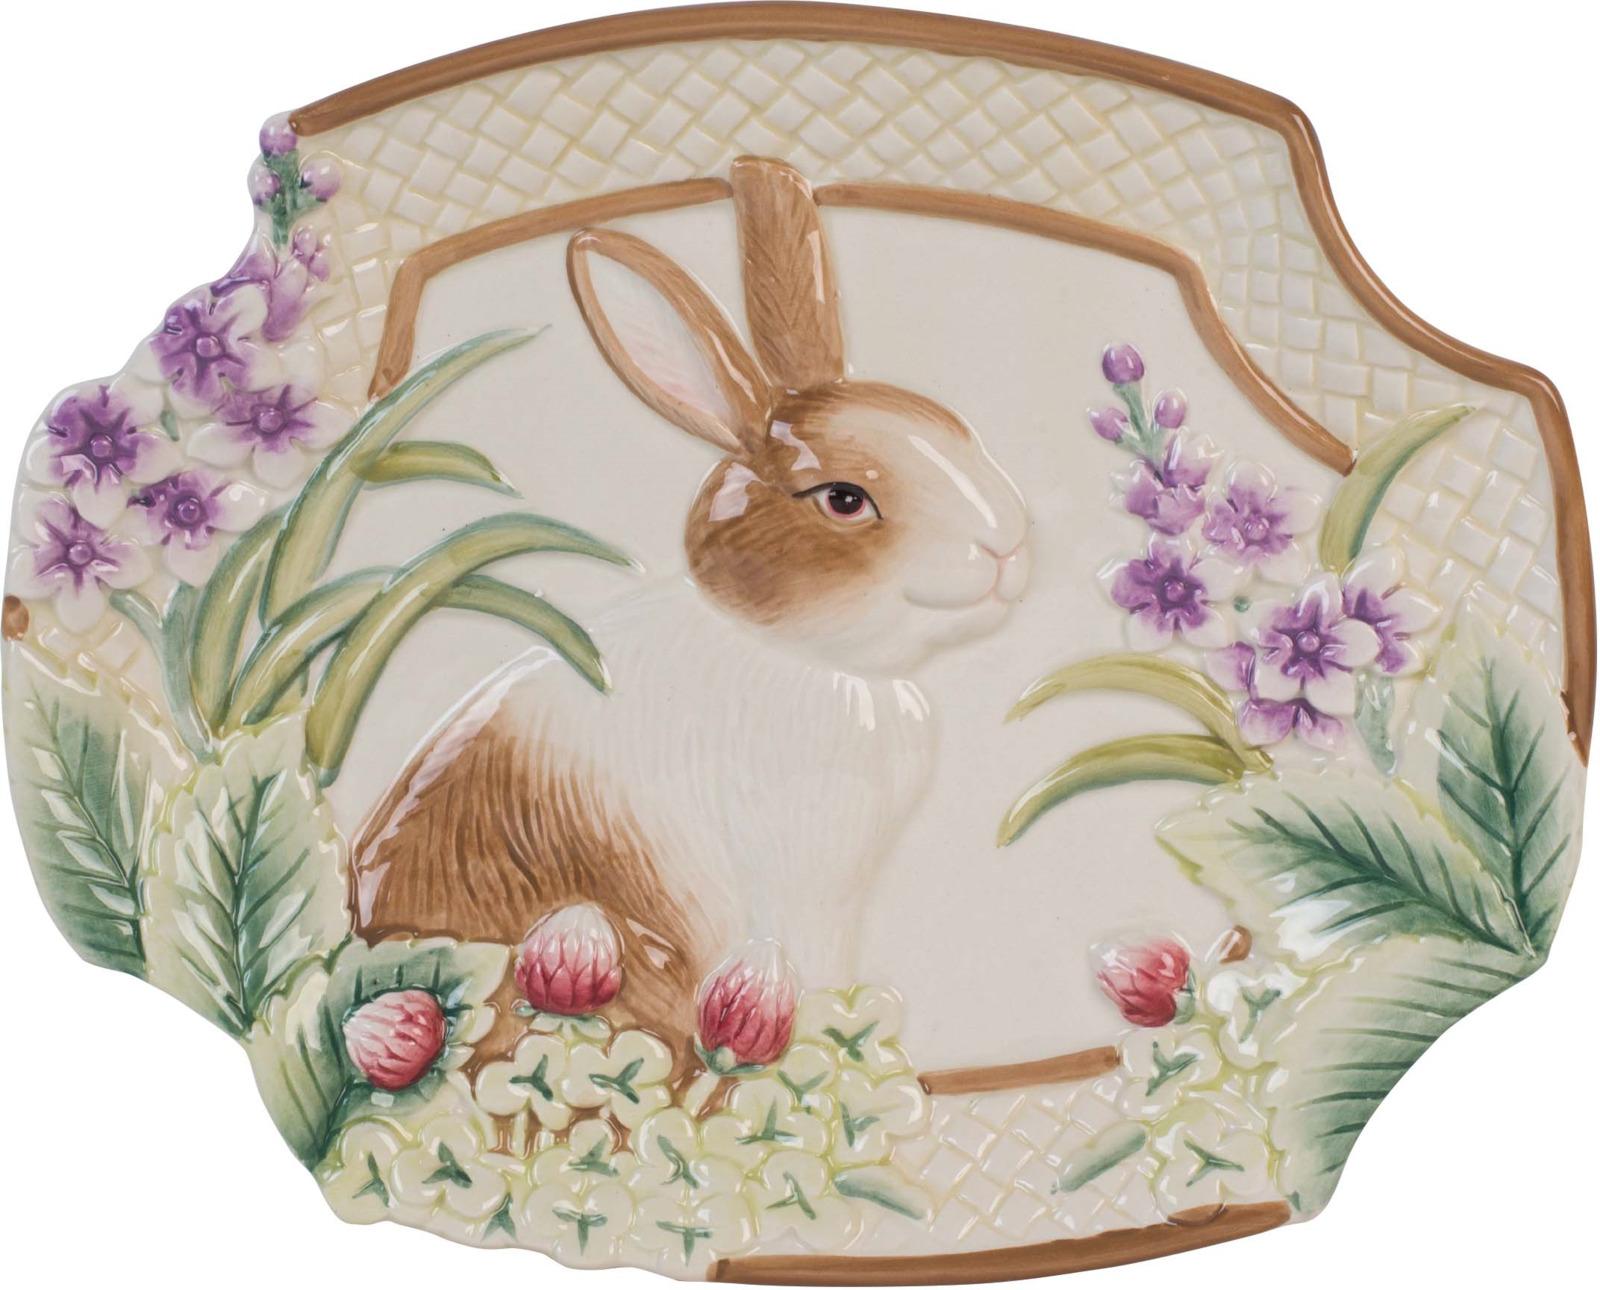 Блюдо Fitz and Floyd Блюдо для пирожных Кролики в саду, Керамика